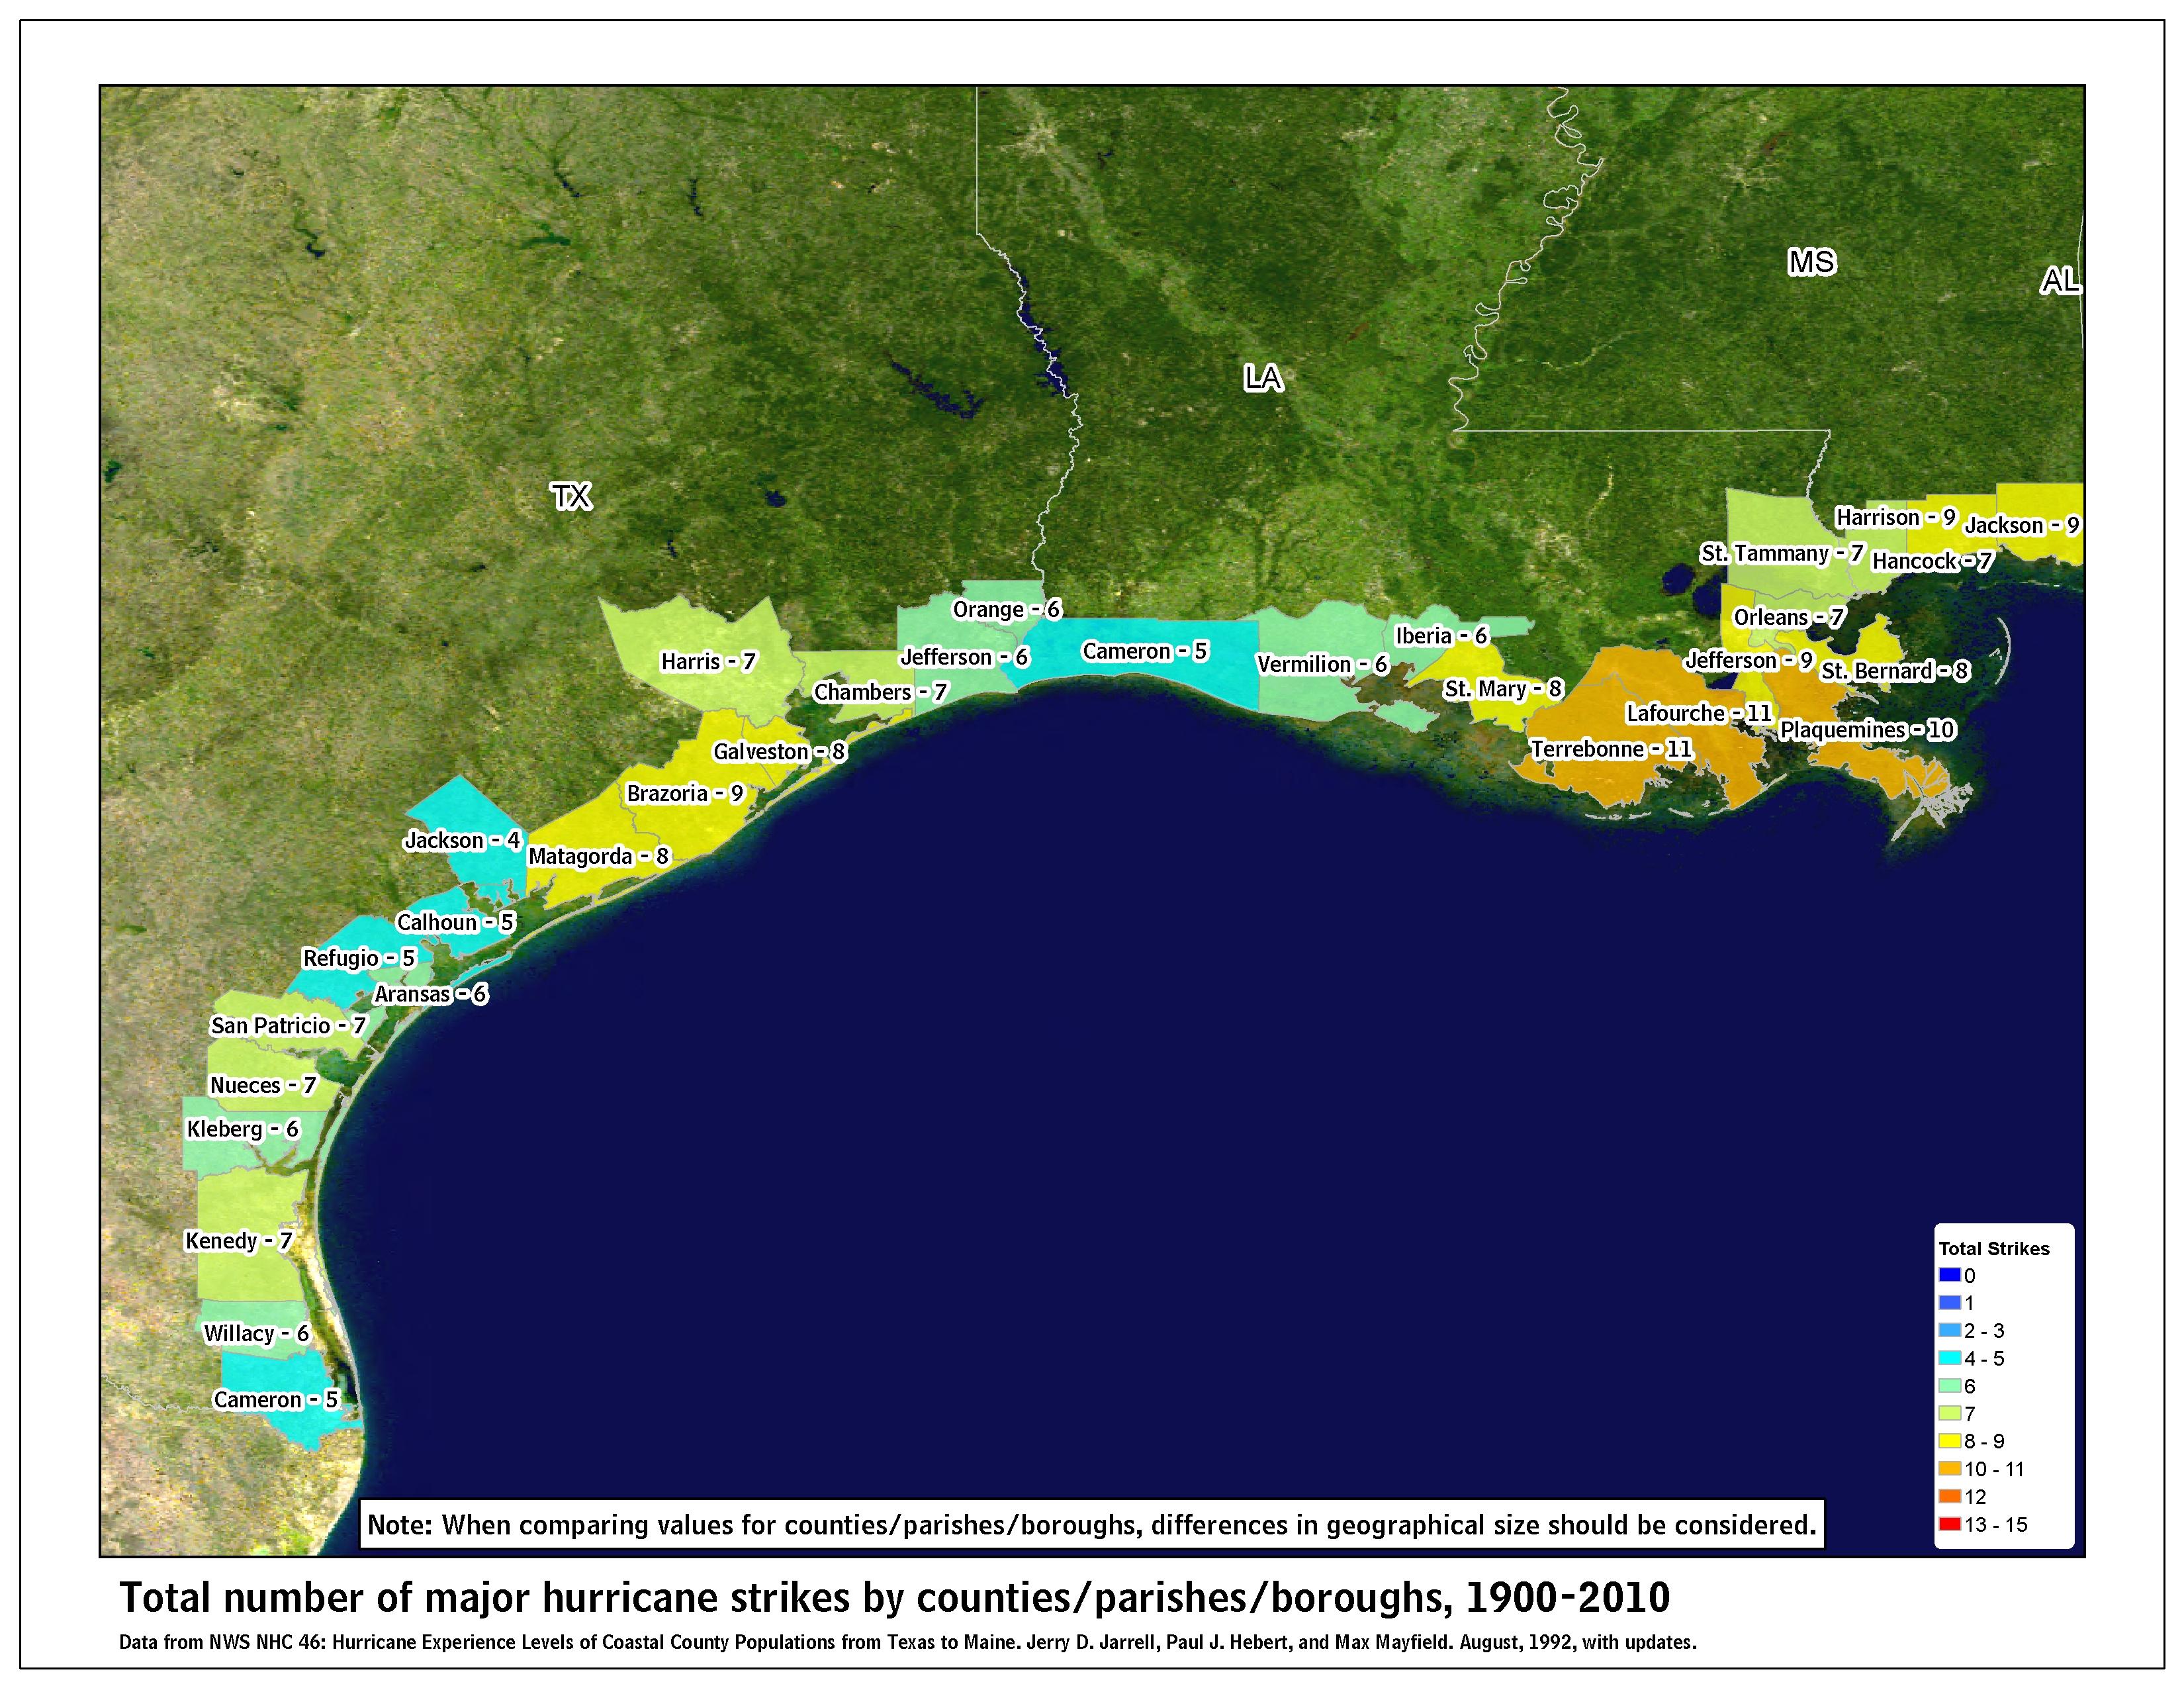 West Gulf Major Hurricane Strikes